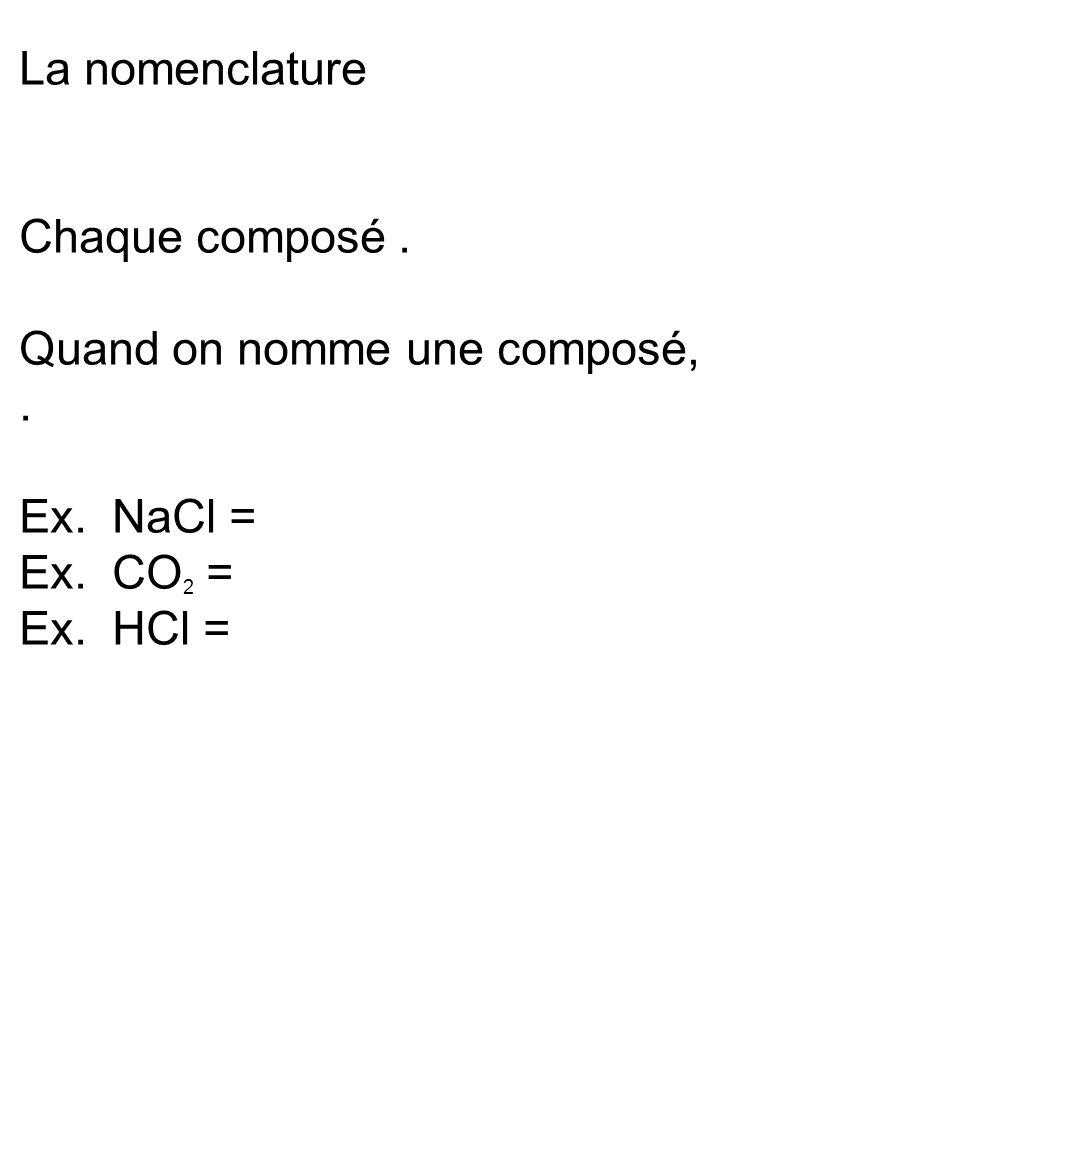 La nomenclature Chaque composé . Quand on nomme une composé, . Ex. NaCl = Ex. CO2 = Ex. HCl =